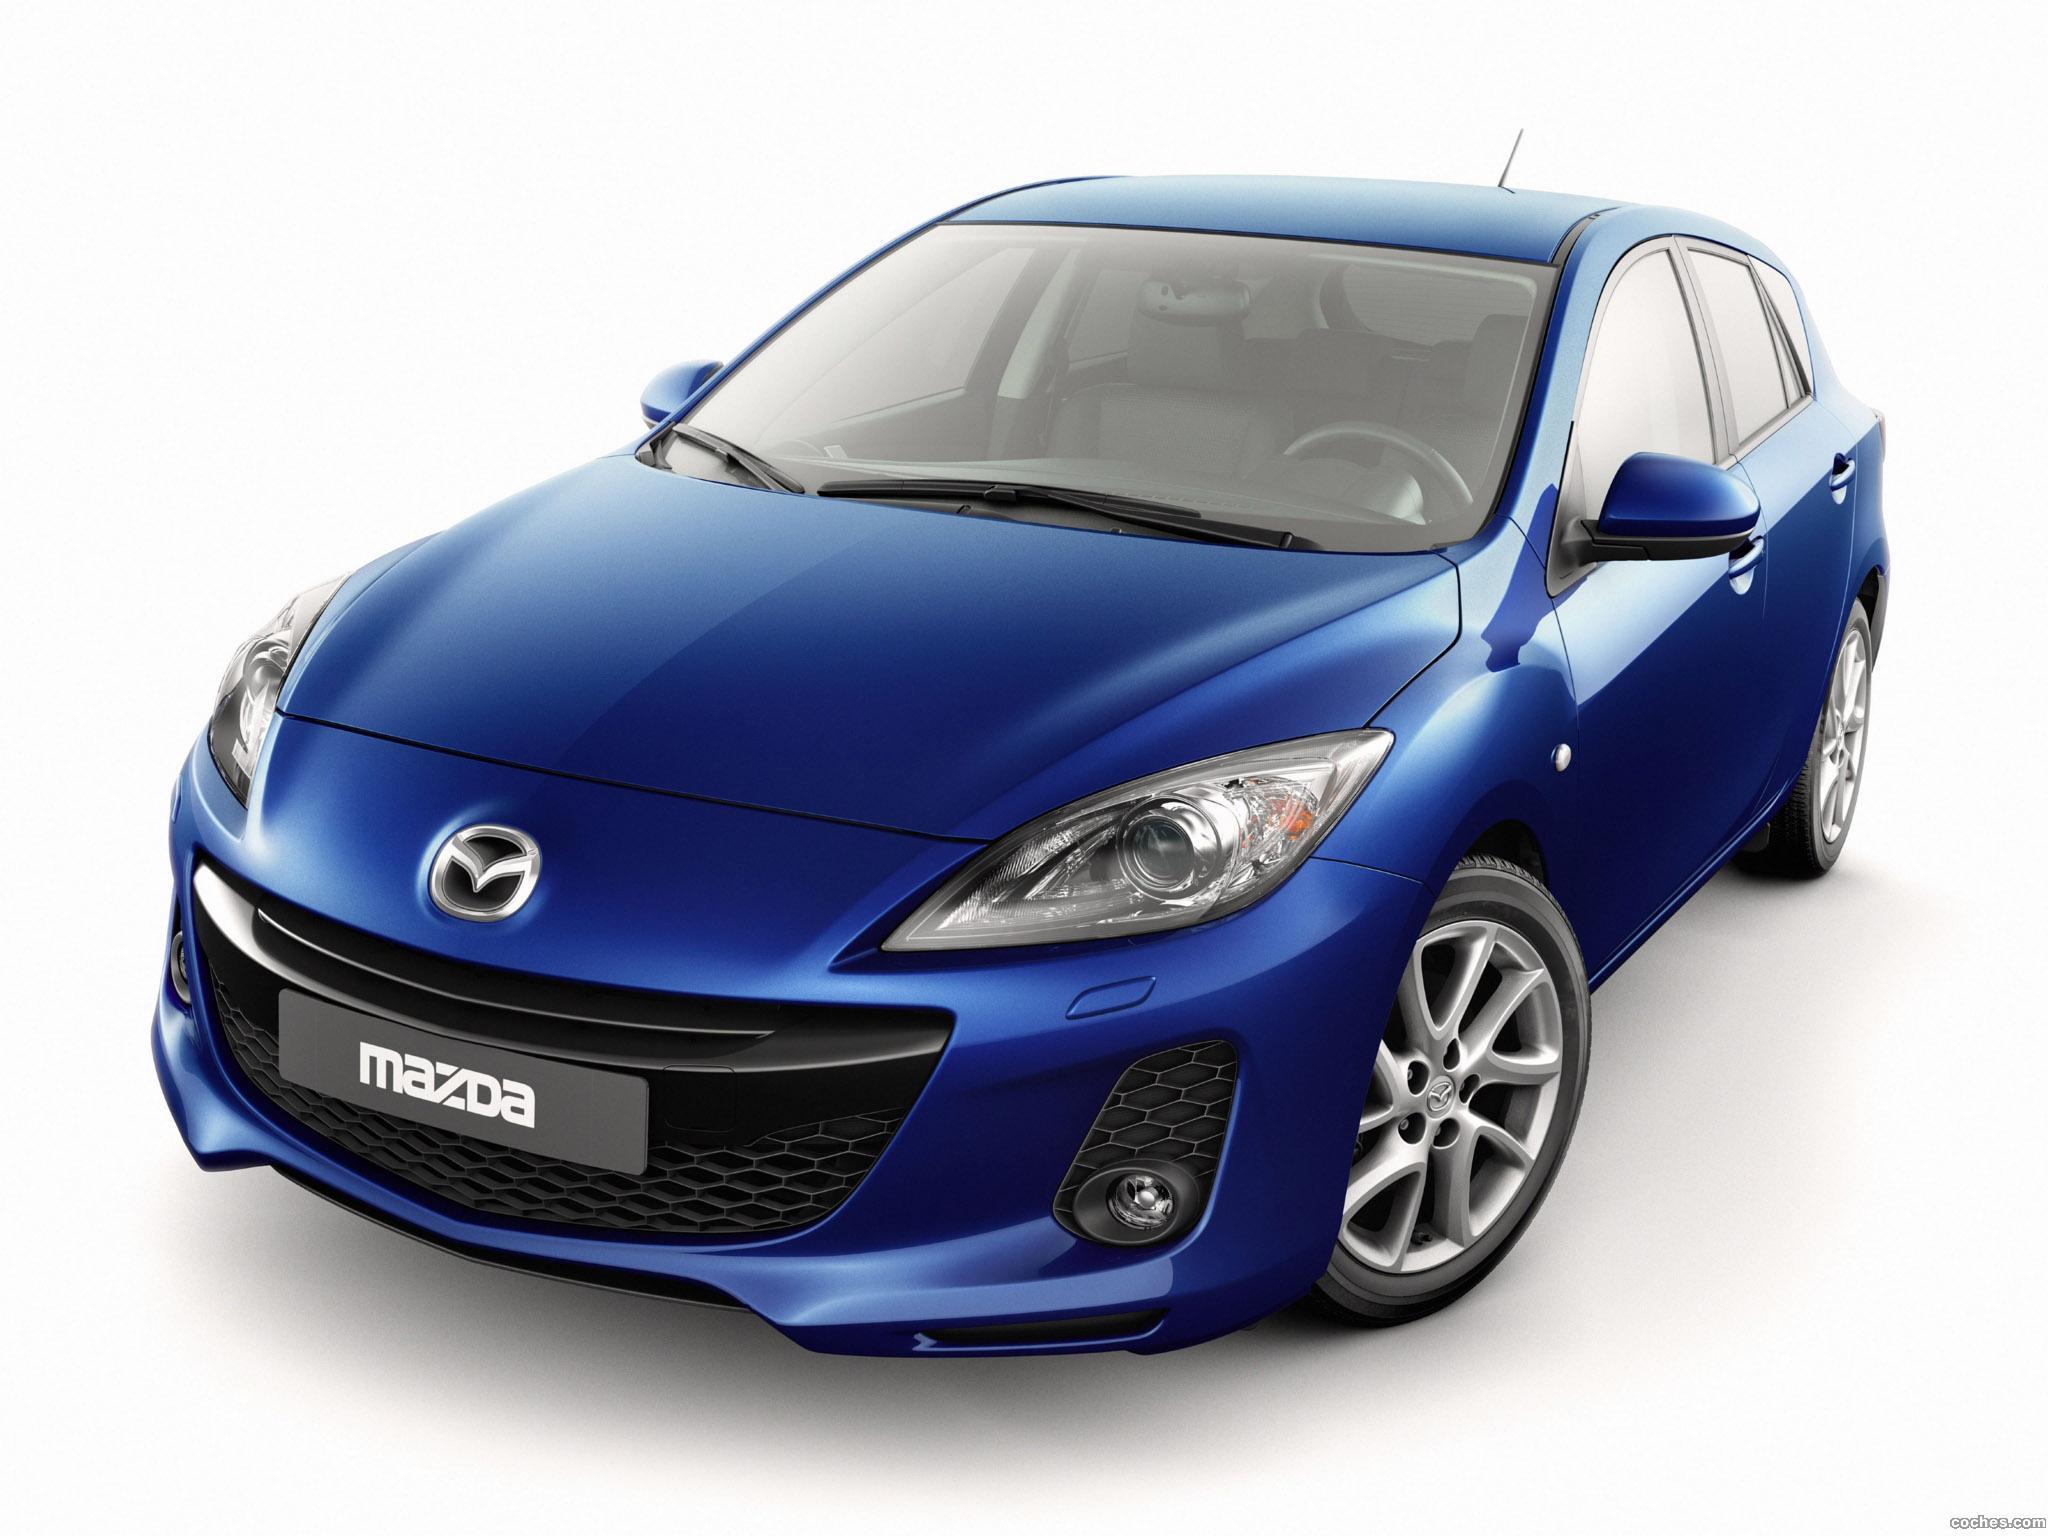 Foto 0 de Mazda 3 Hatchback 2011